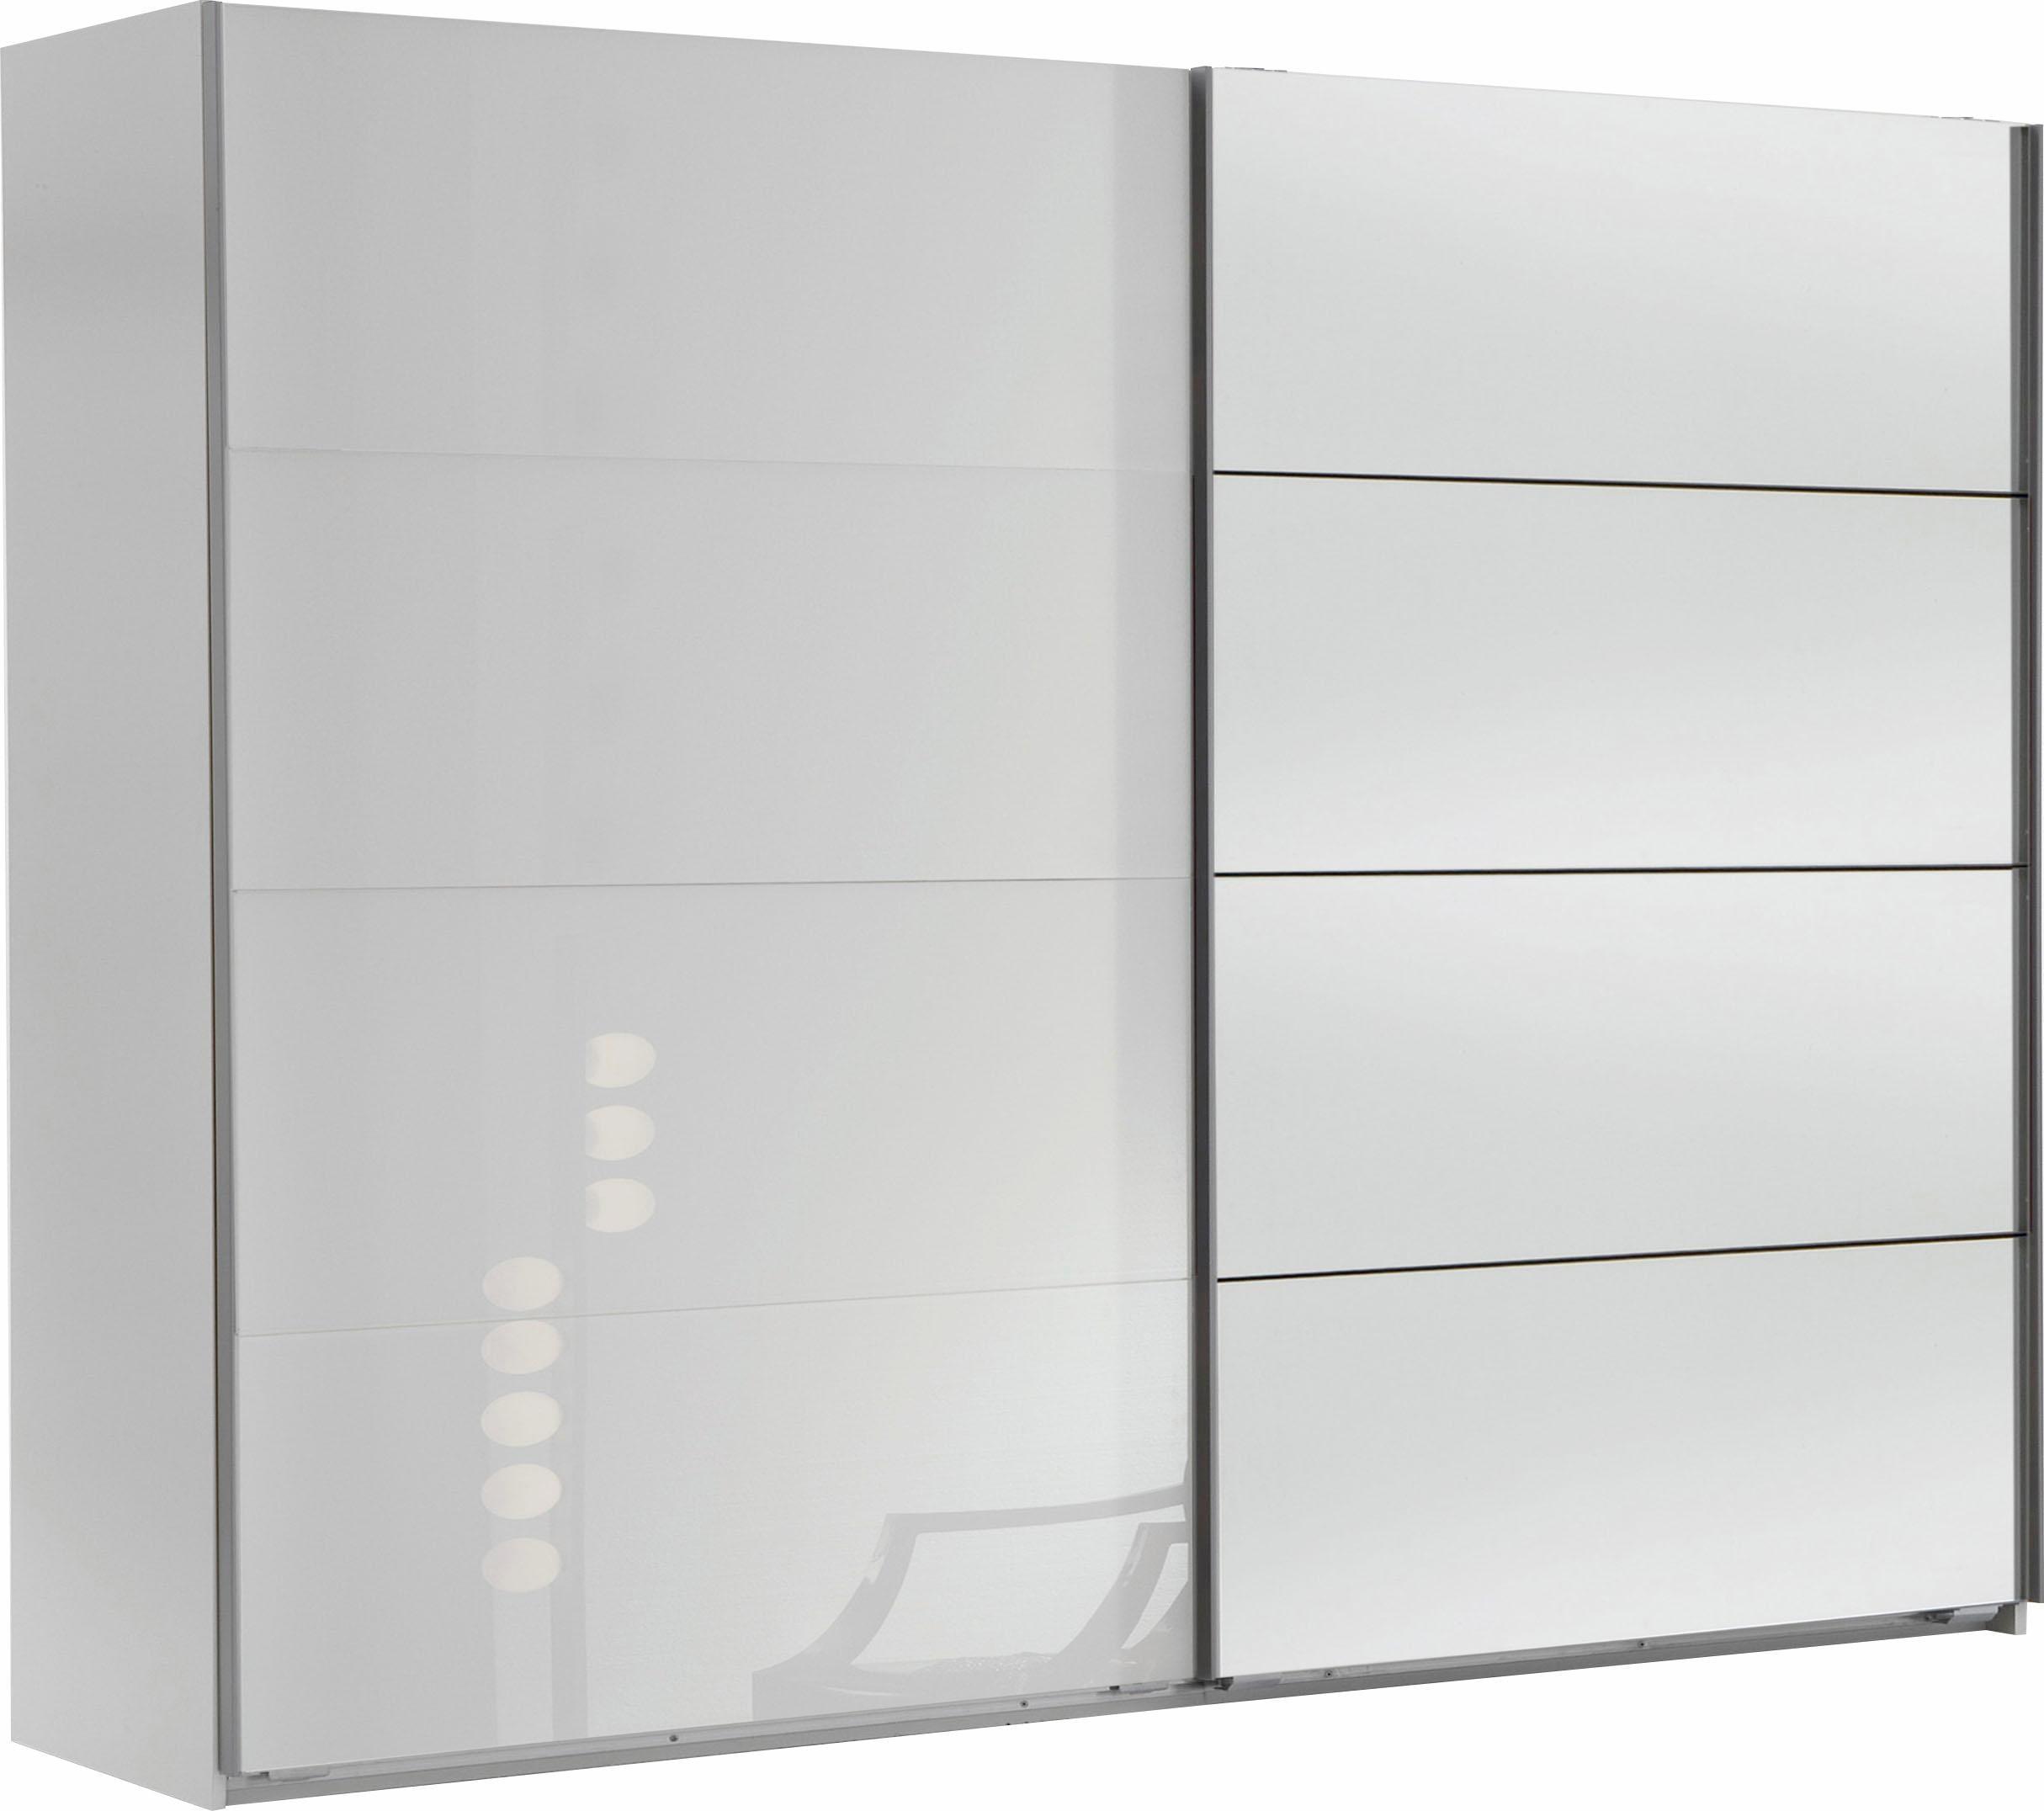 Wimex Schwebetürenschrank Easy mit Glas und Spiegel